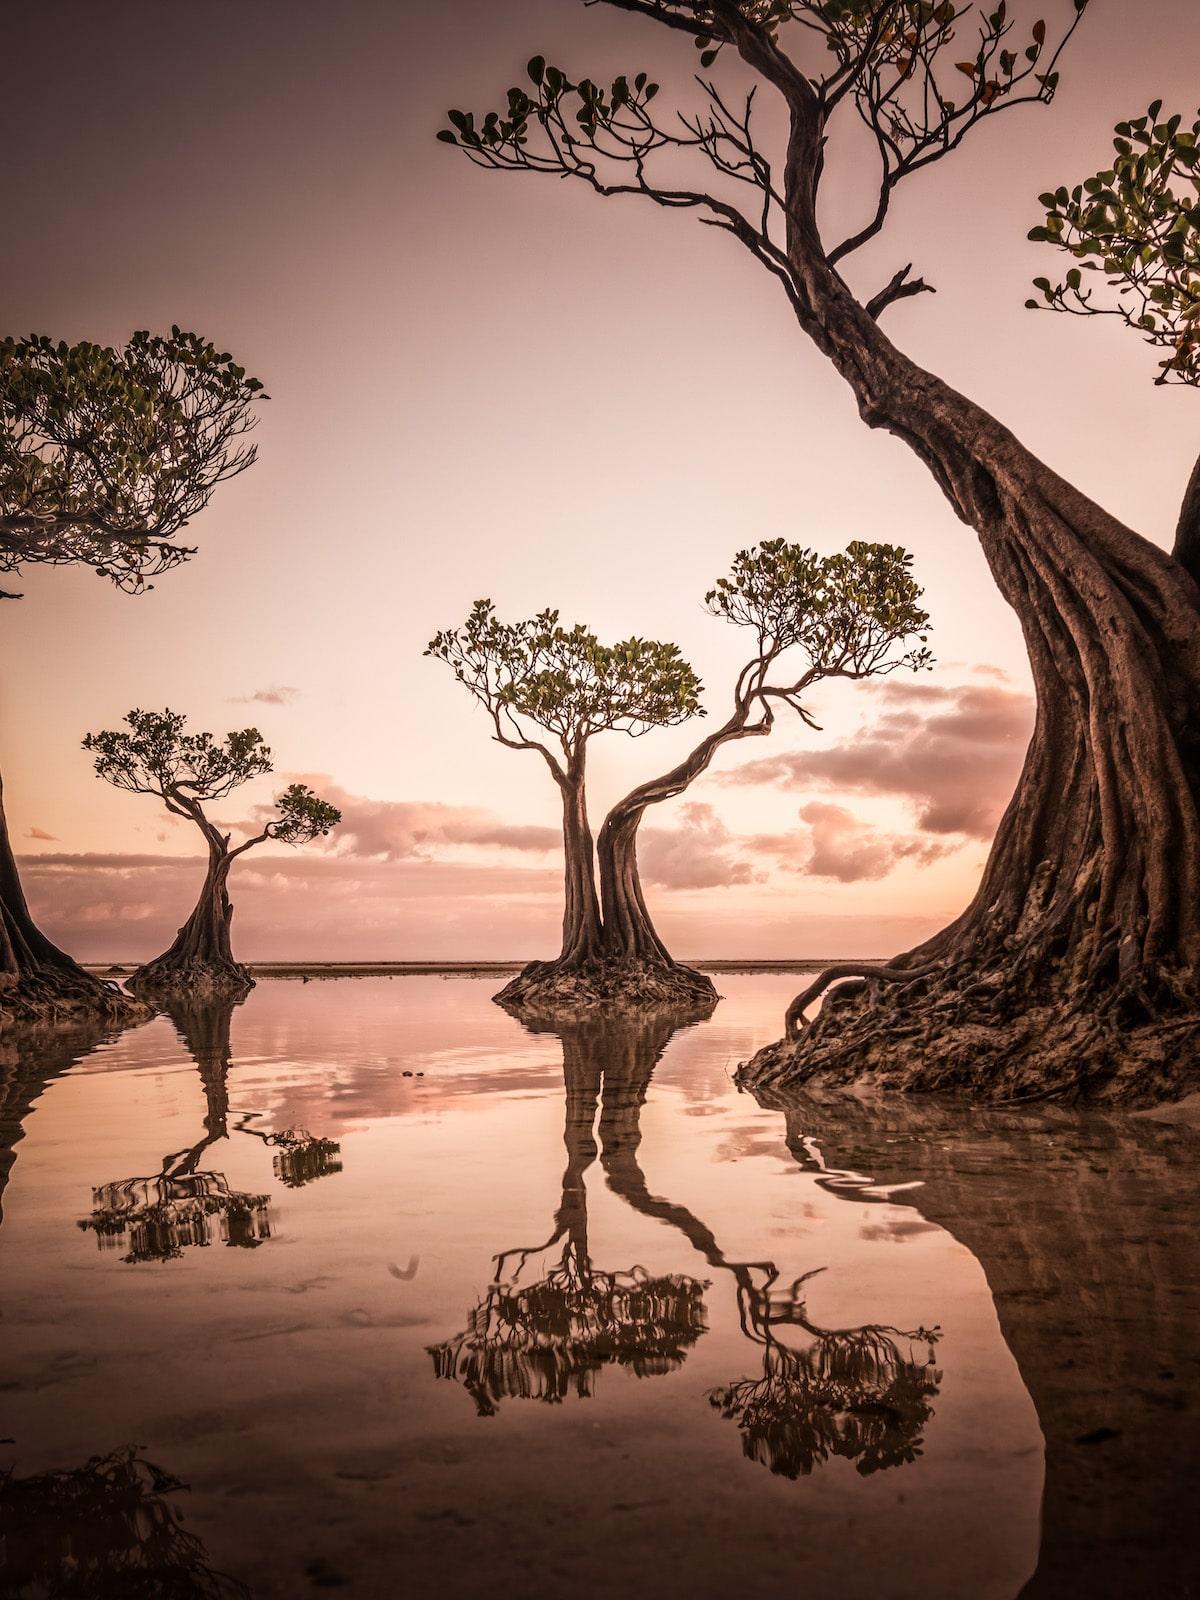 Mangrove Trees at Walakiri Beach, Sumba, Indonesia